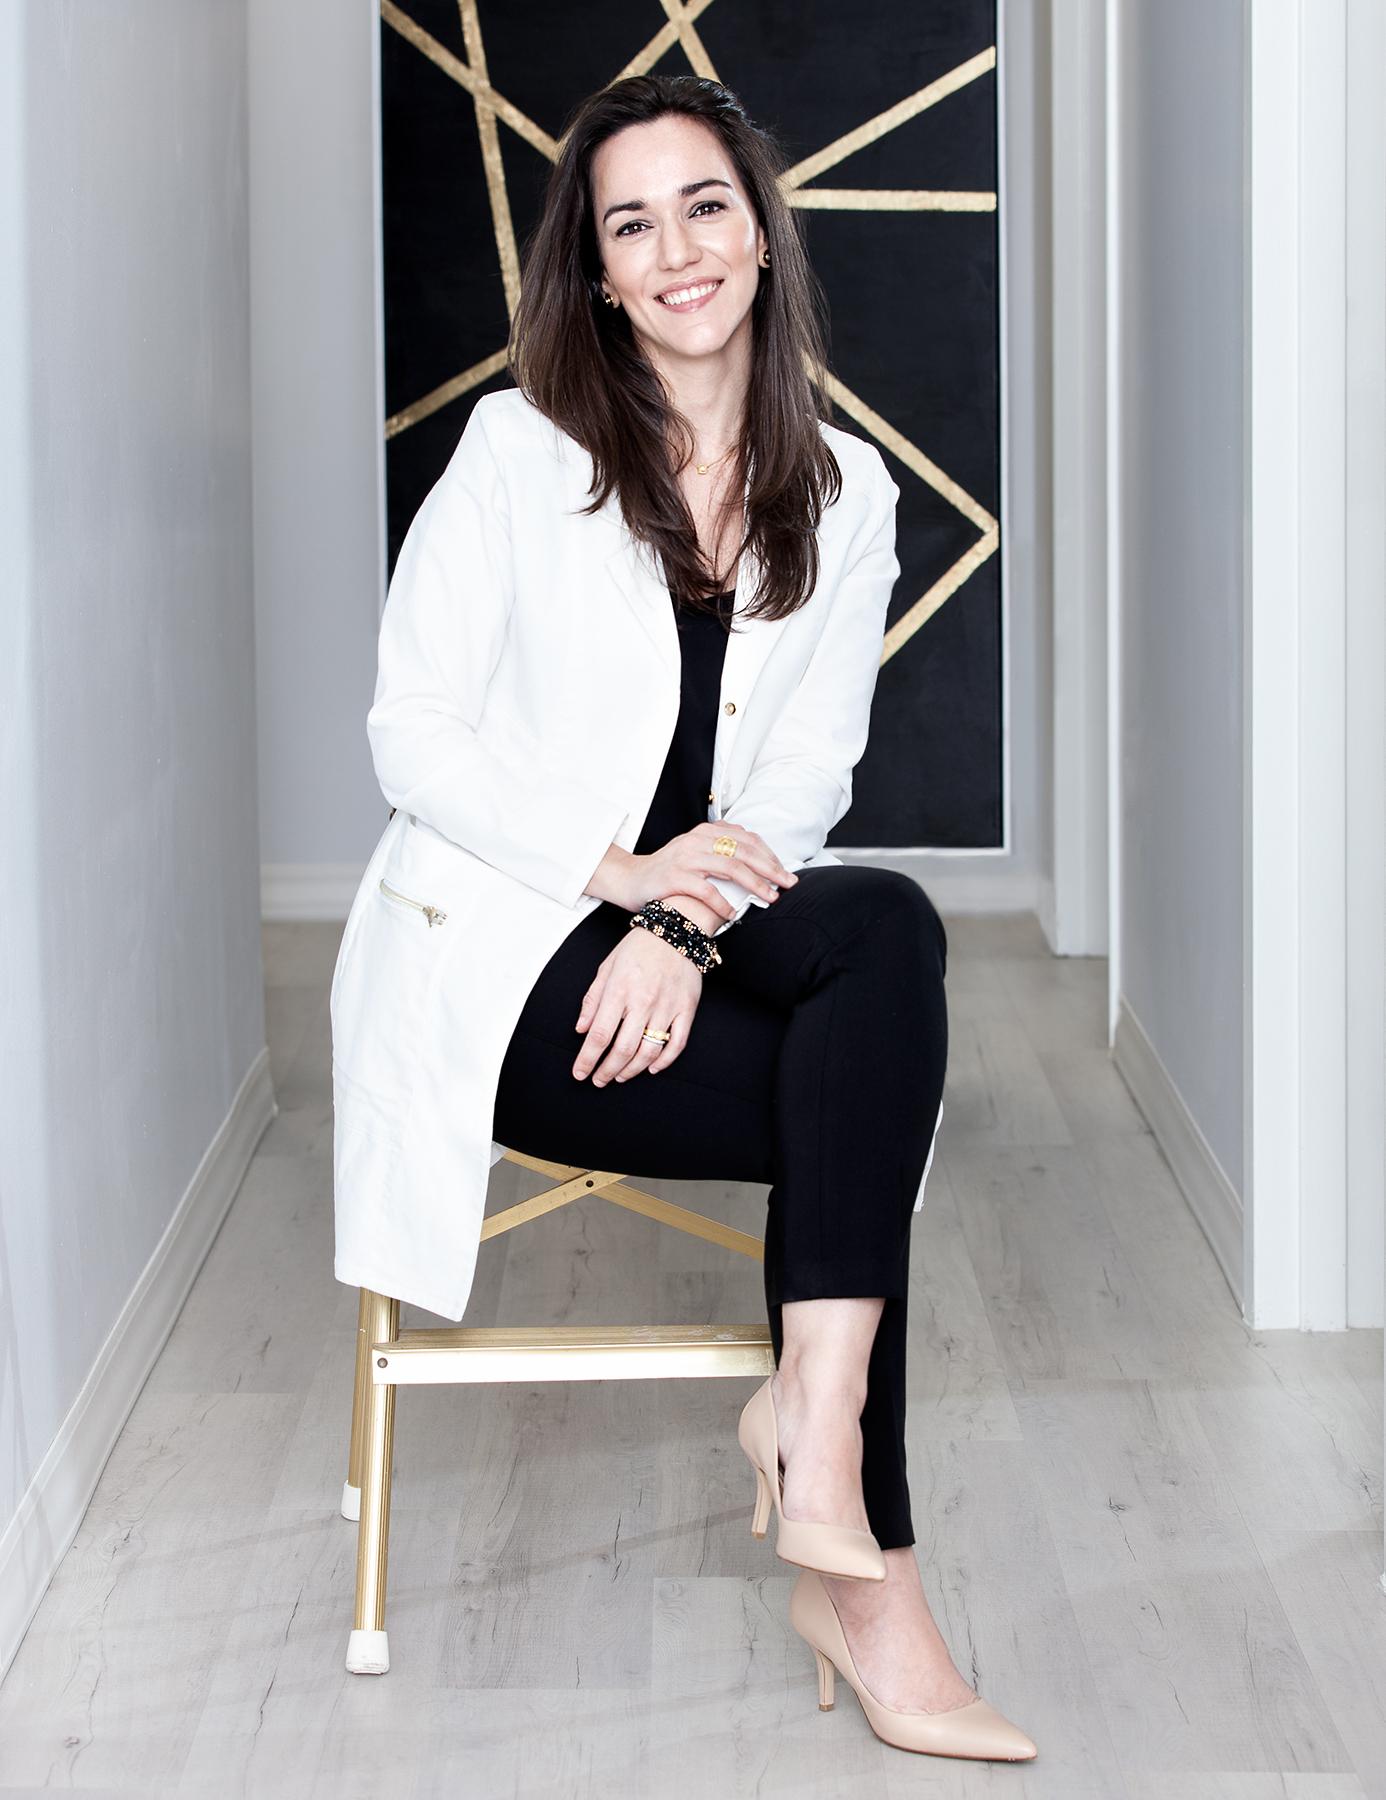 w-Dr.-Kally-Papantoniou-By-Jonathan-R.-Beckerman-Photograpy-Doctor-Profile-Portait-319.jpg